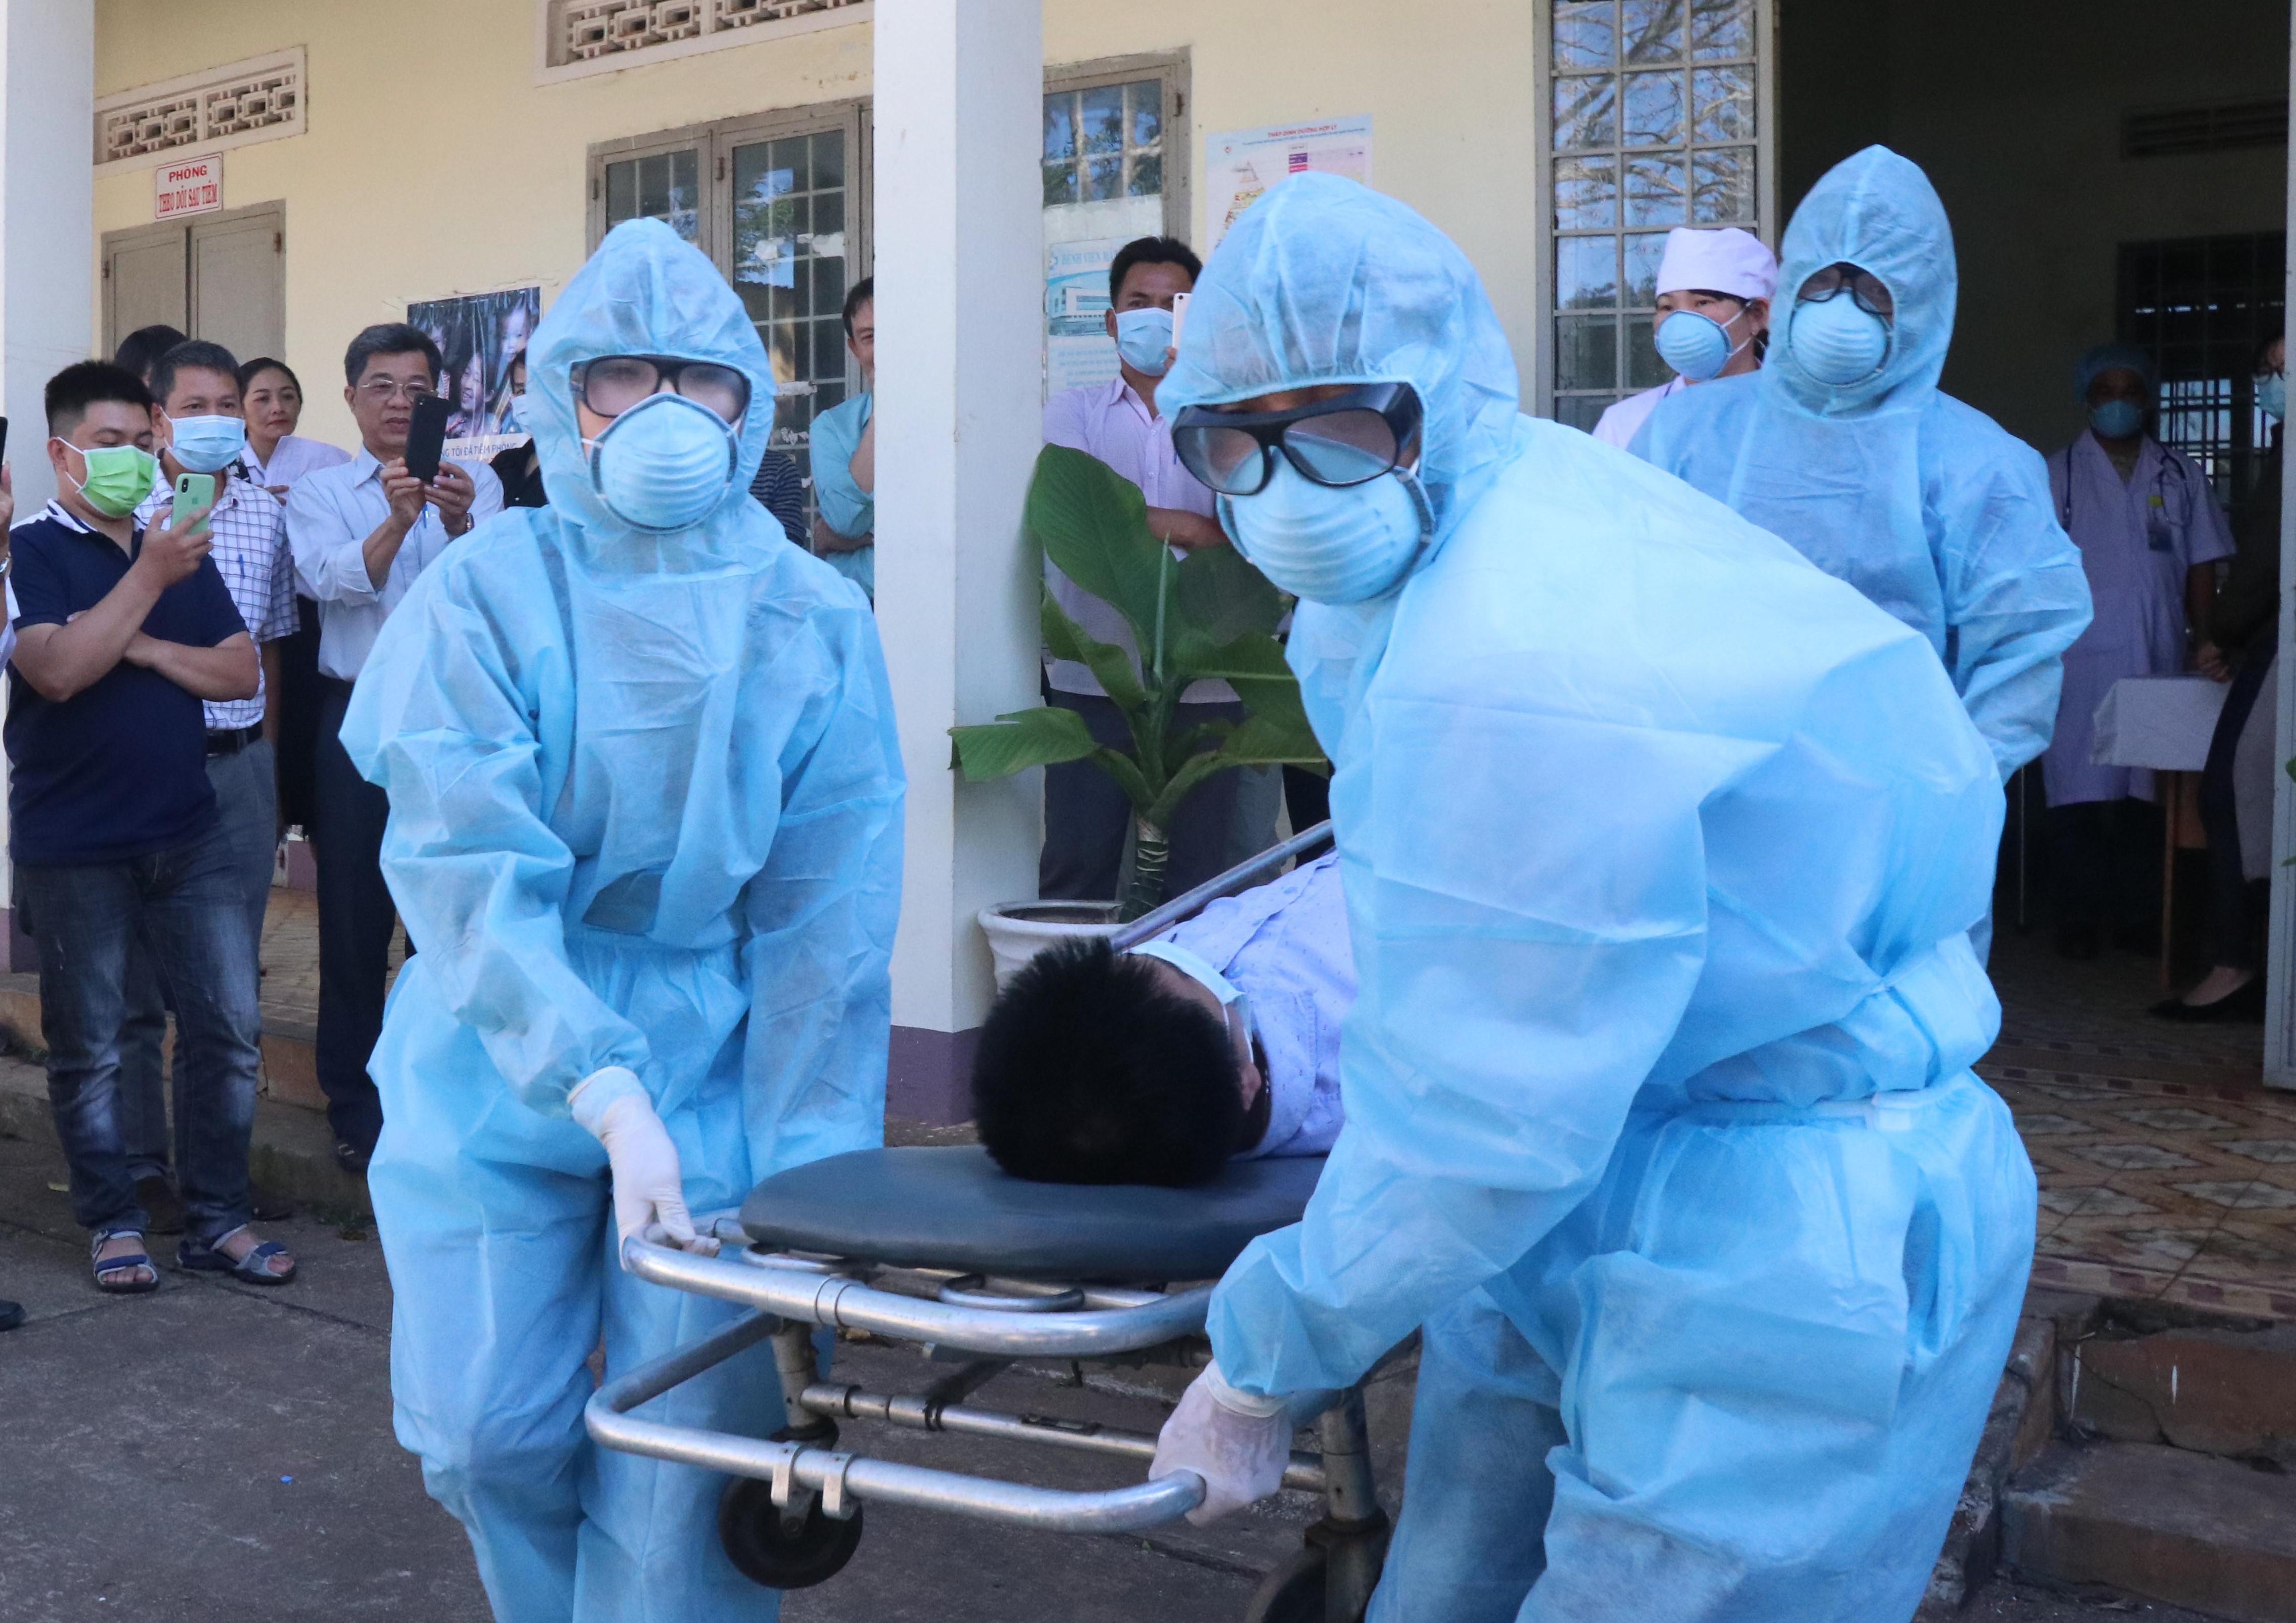 Diễn tập phòng chống dịch bệnh viêm đường hô hấp cấp do chủng mới virus Corona